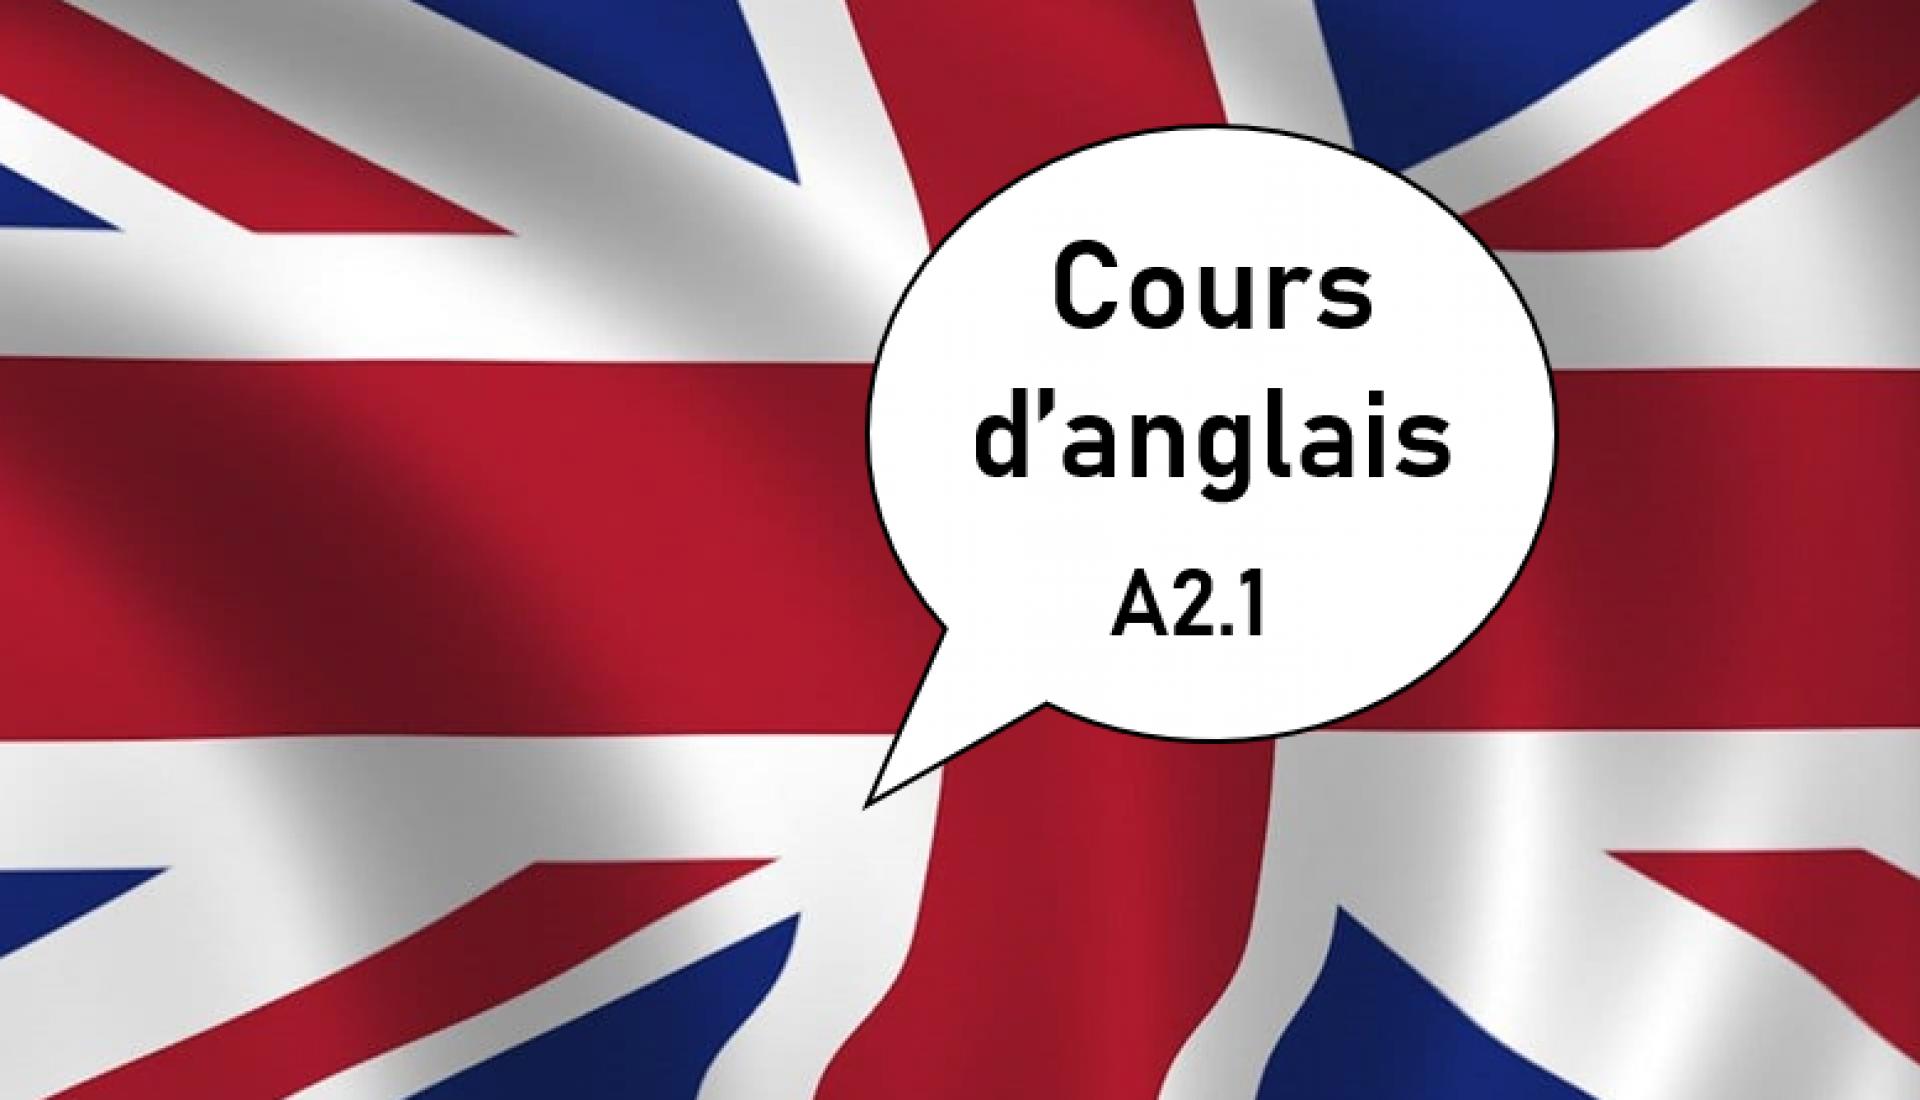 Anglais A2.1